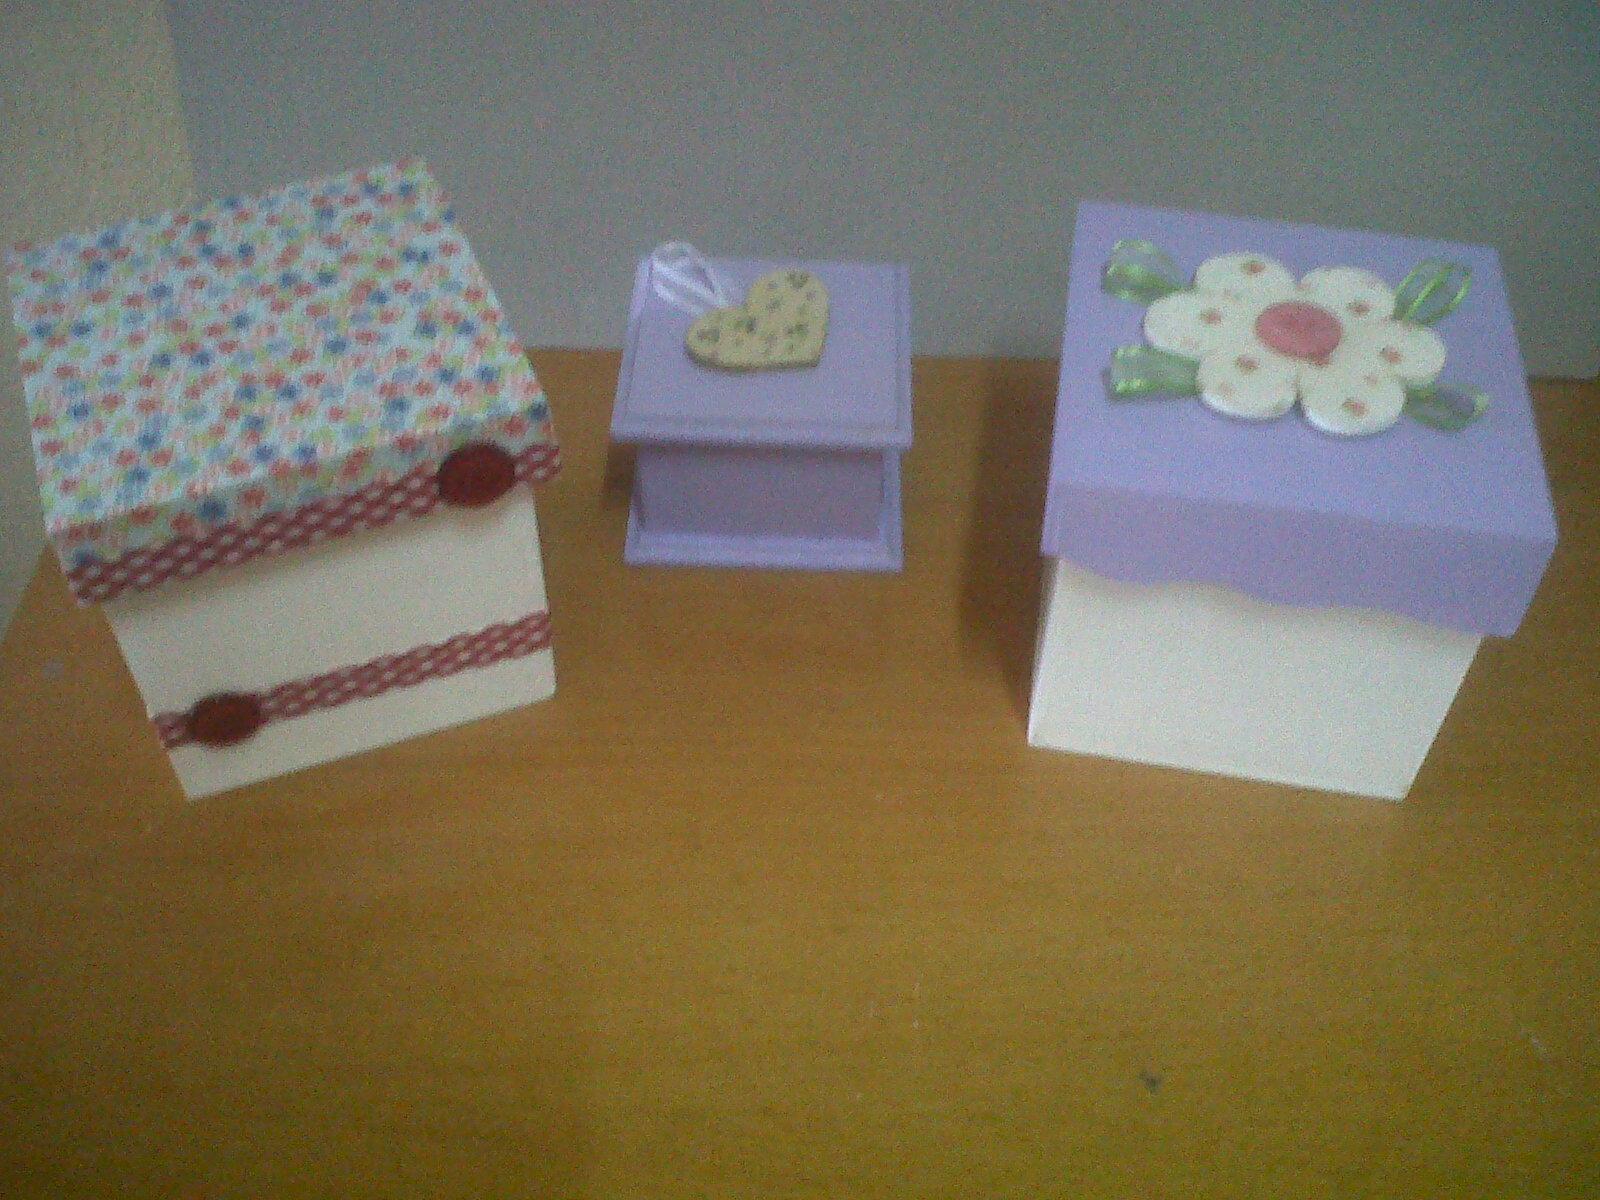 Tiernos dise os artesan as y regalos cajas de madera - Cajas de vino de madera decoradas ...